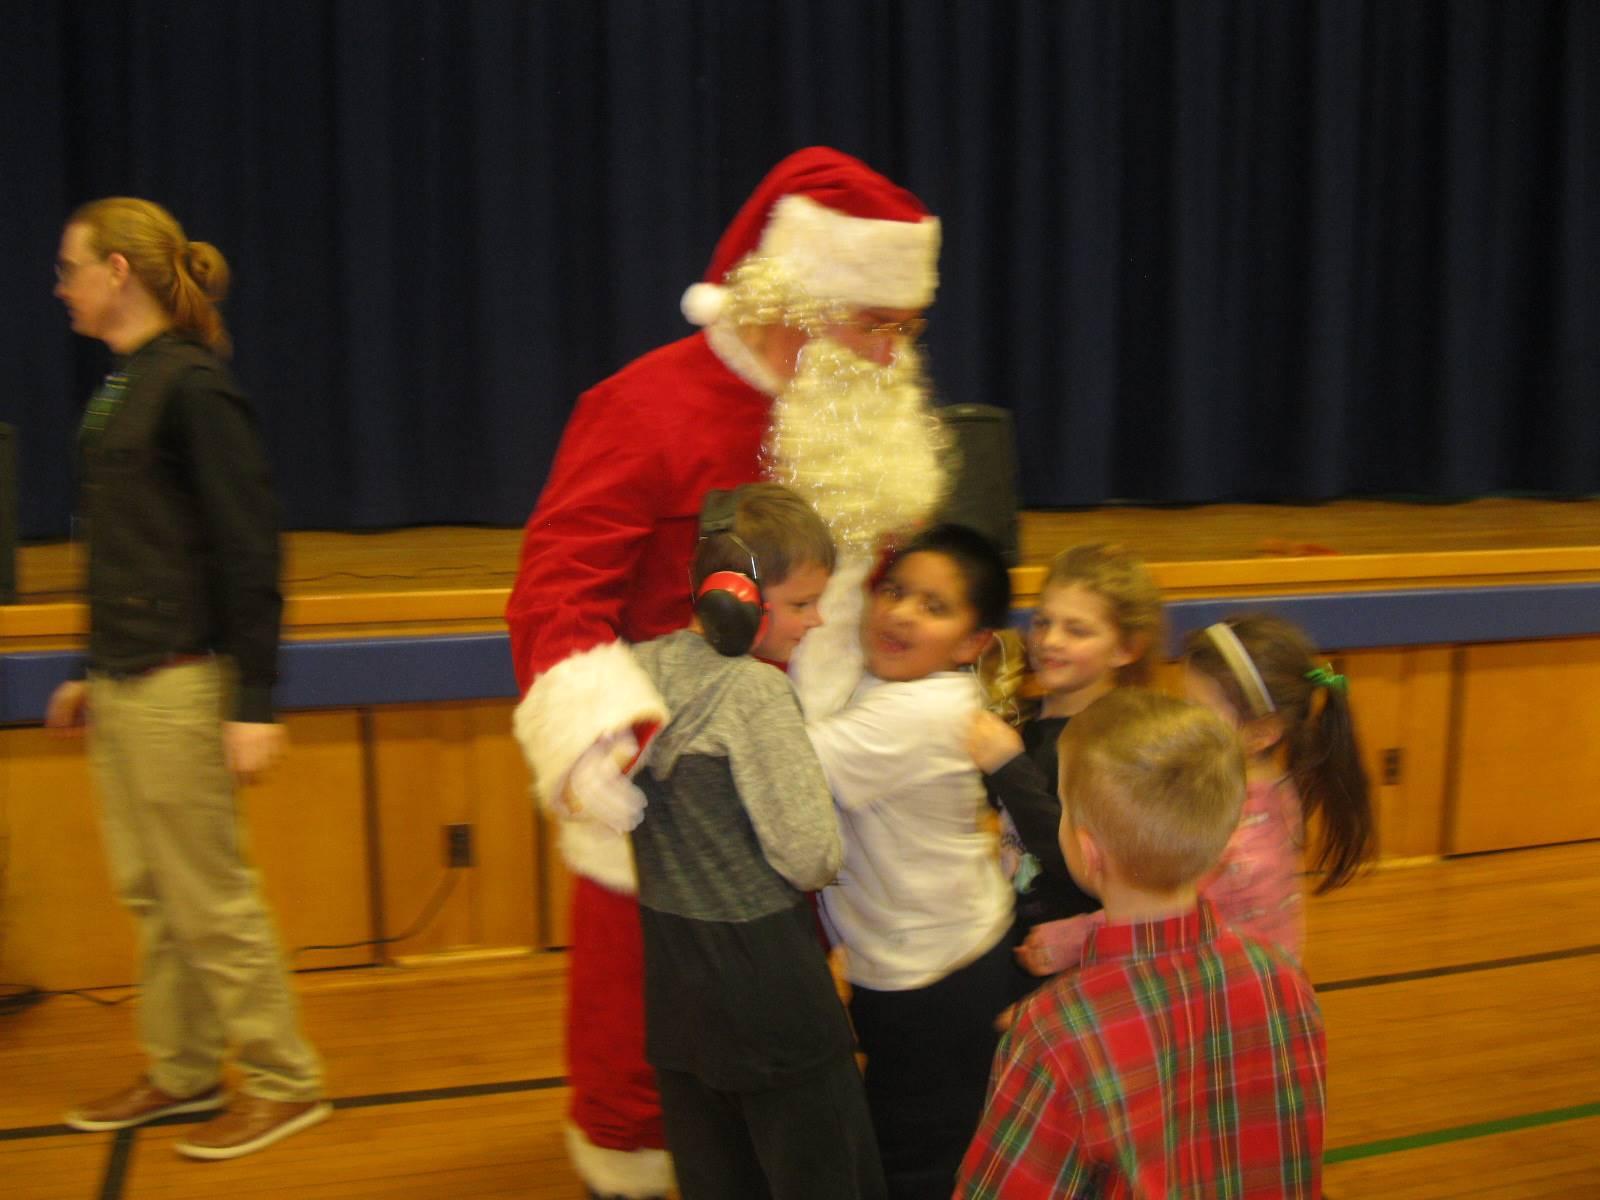 Santa gives 3 students a hug.